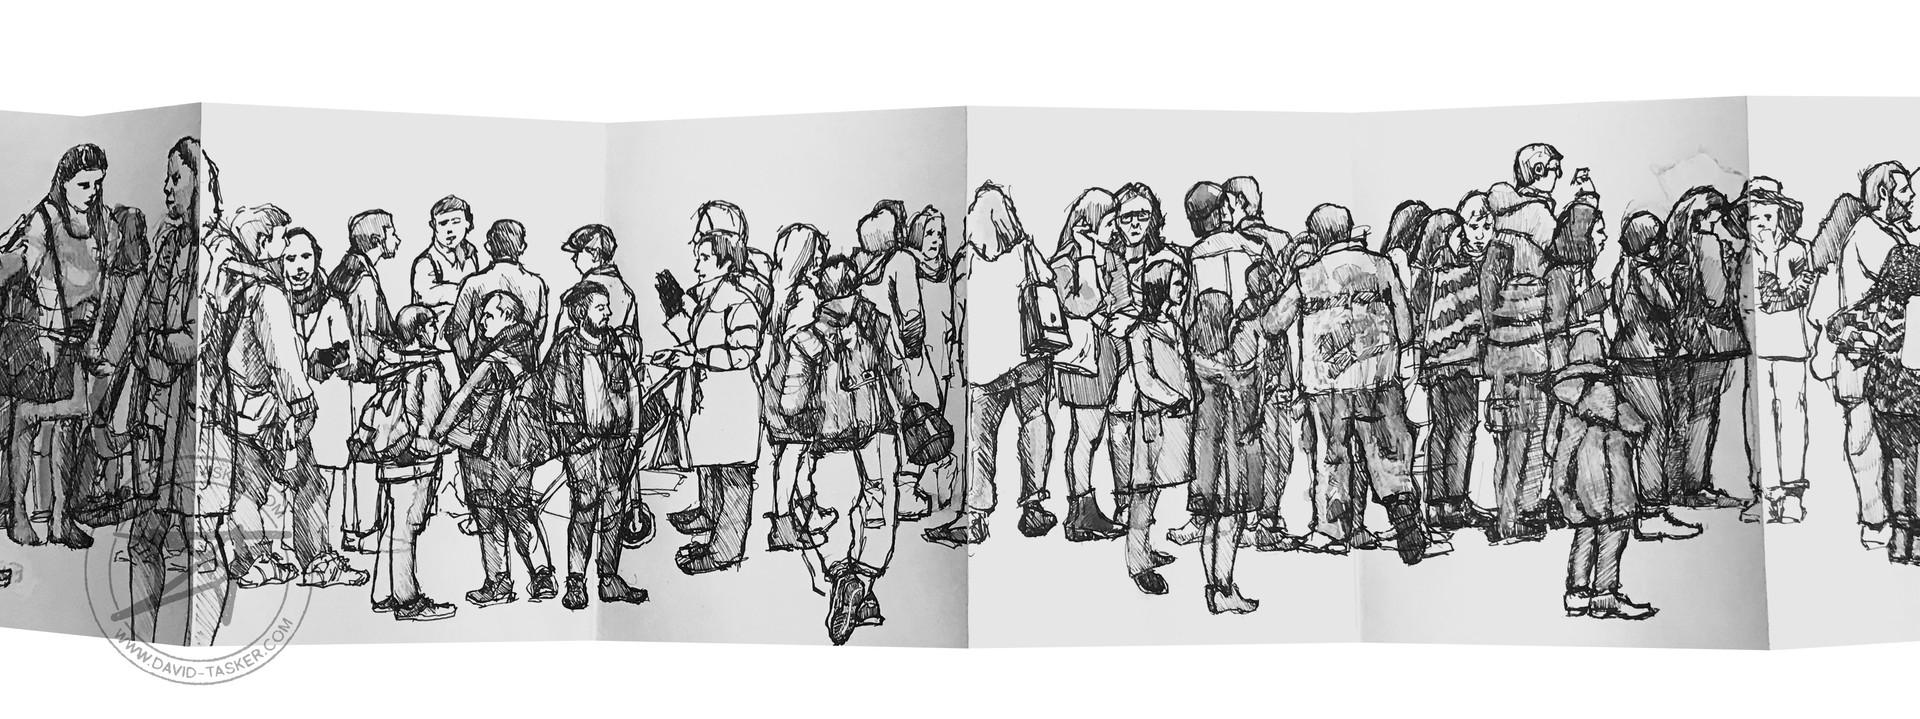 Queue drawing 13.jpg